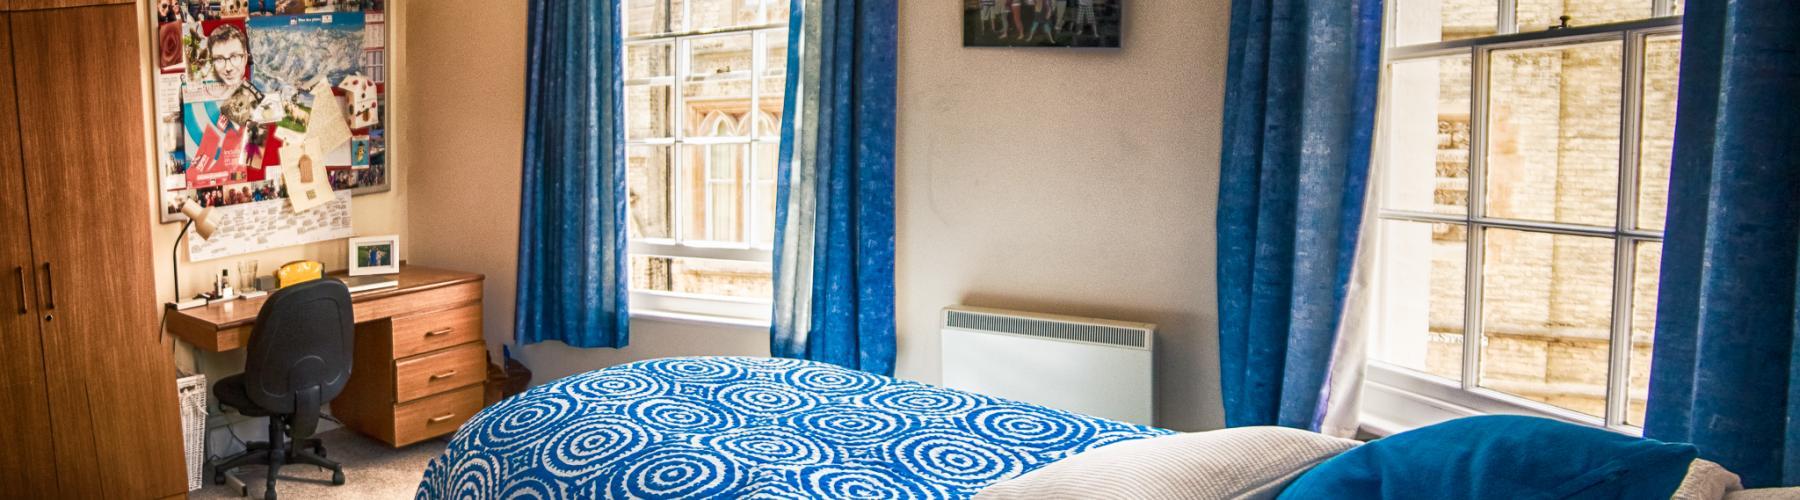 Undergraduate accommodation